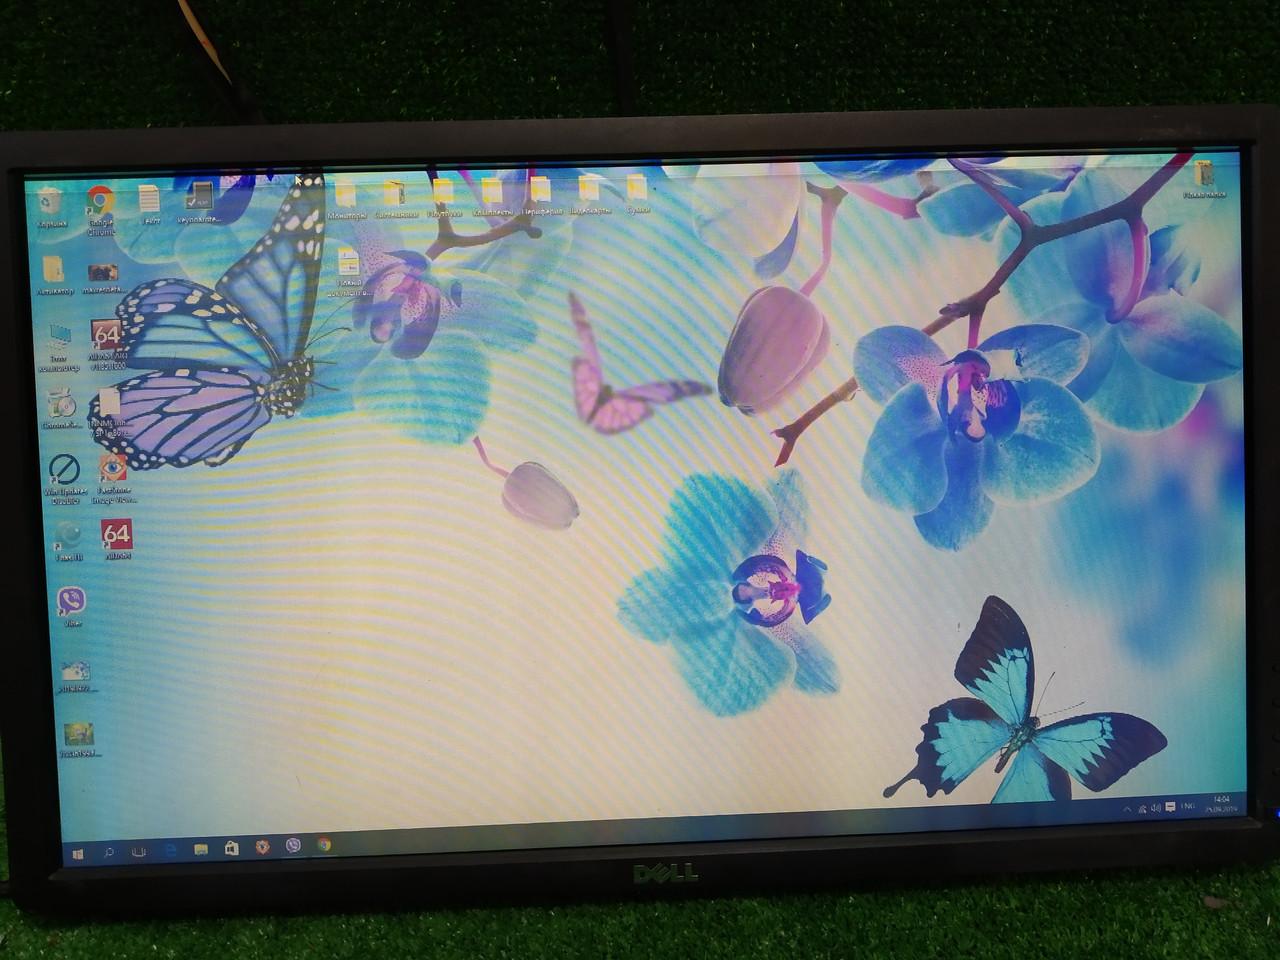 """IPS монитор 23"""" Dell u2312hmt с дефектами на экране, уценка"""